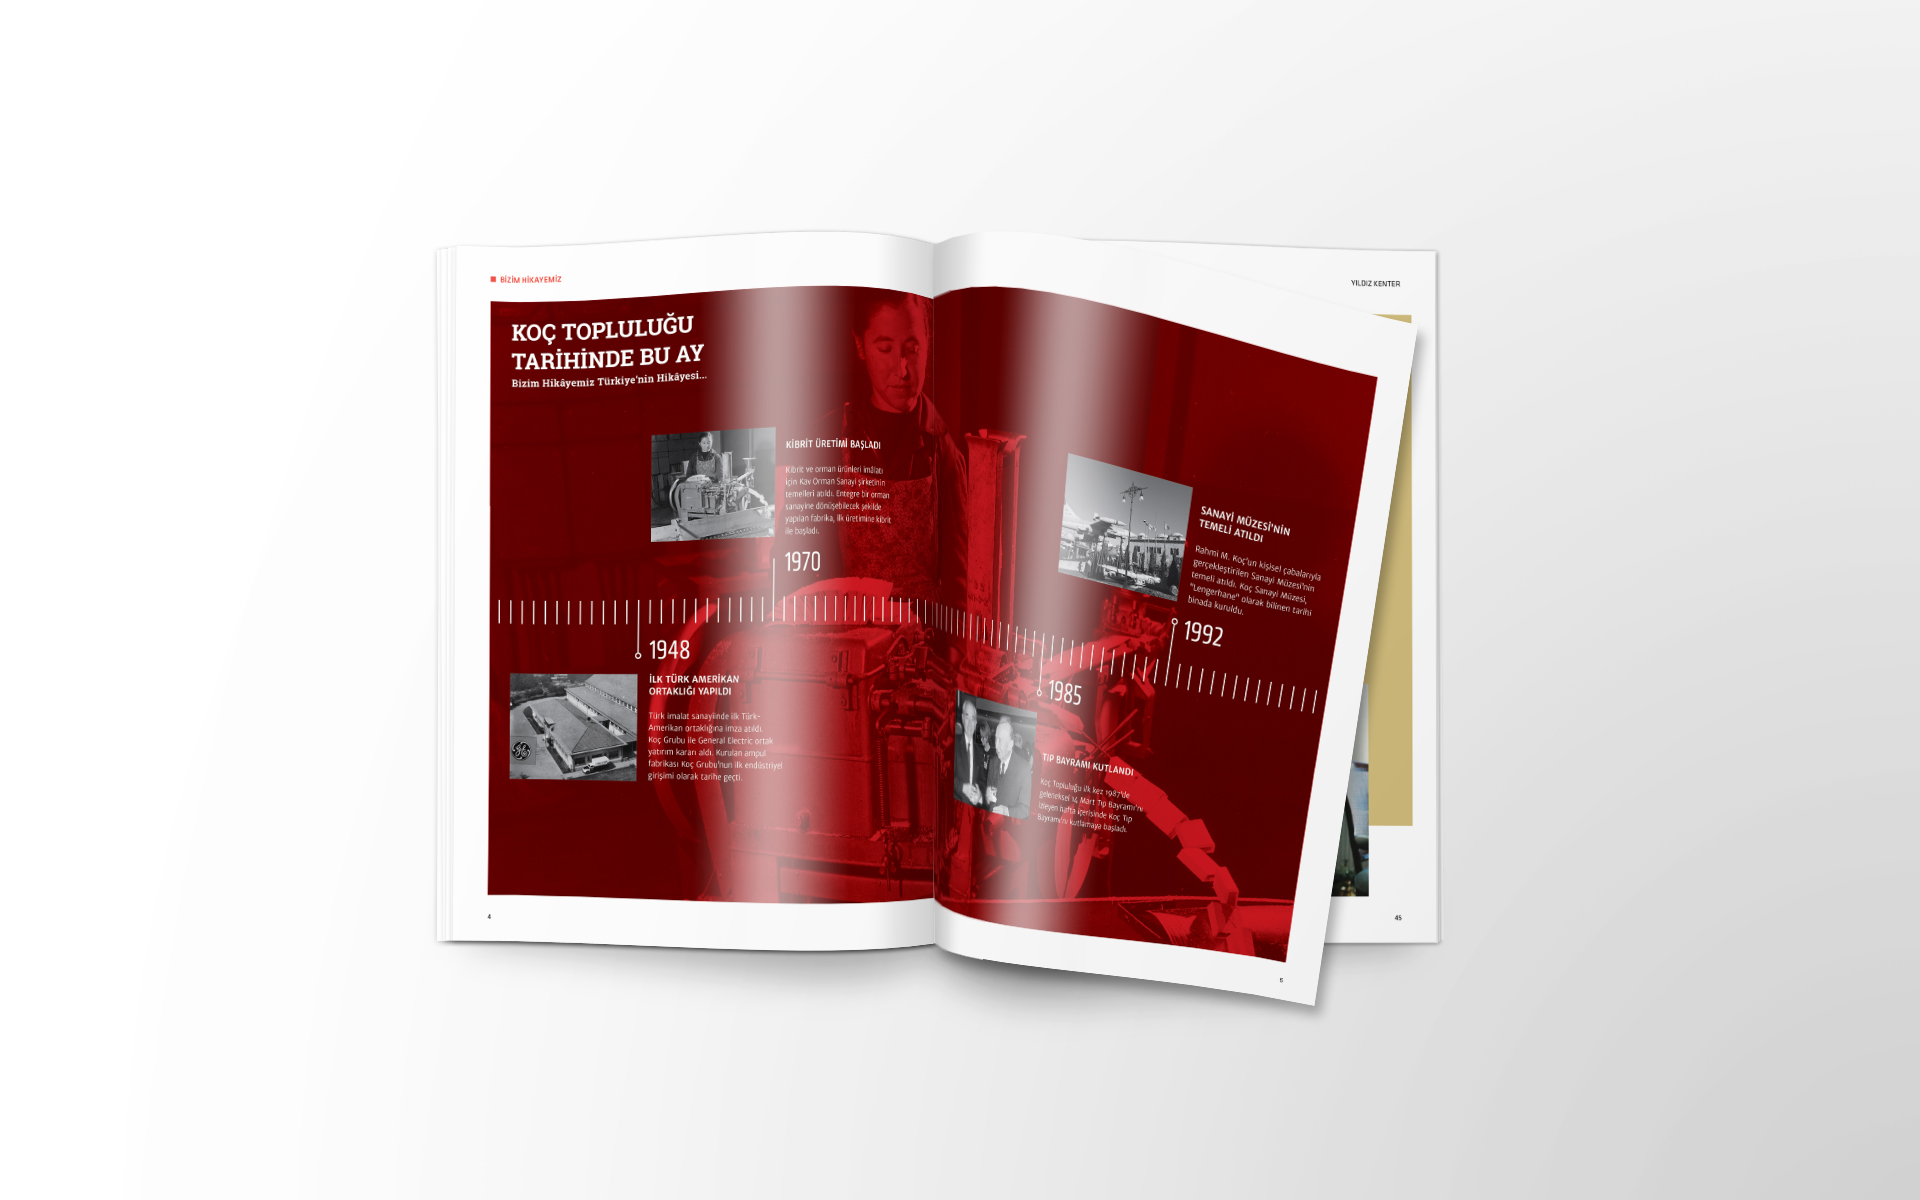 koc-bizden-haberler-dergisi-6